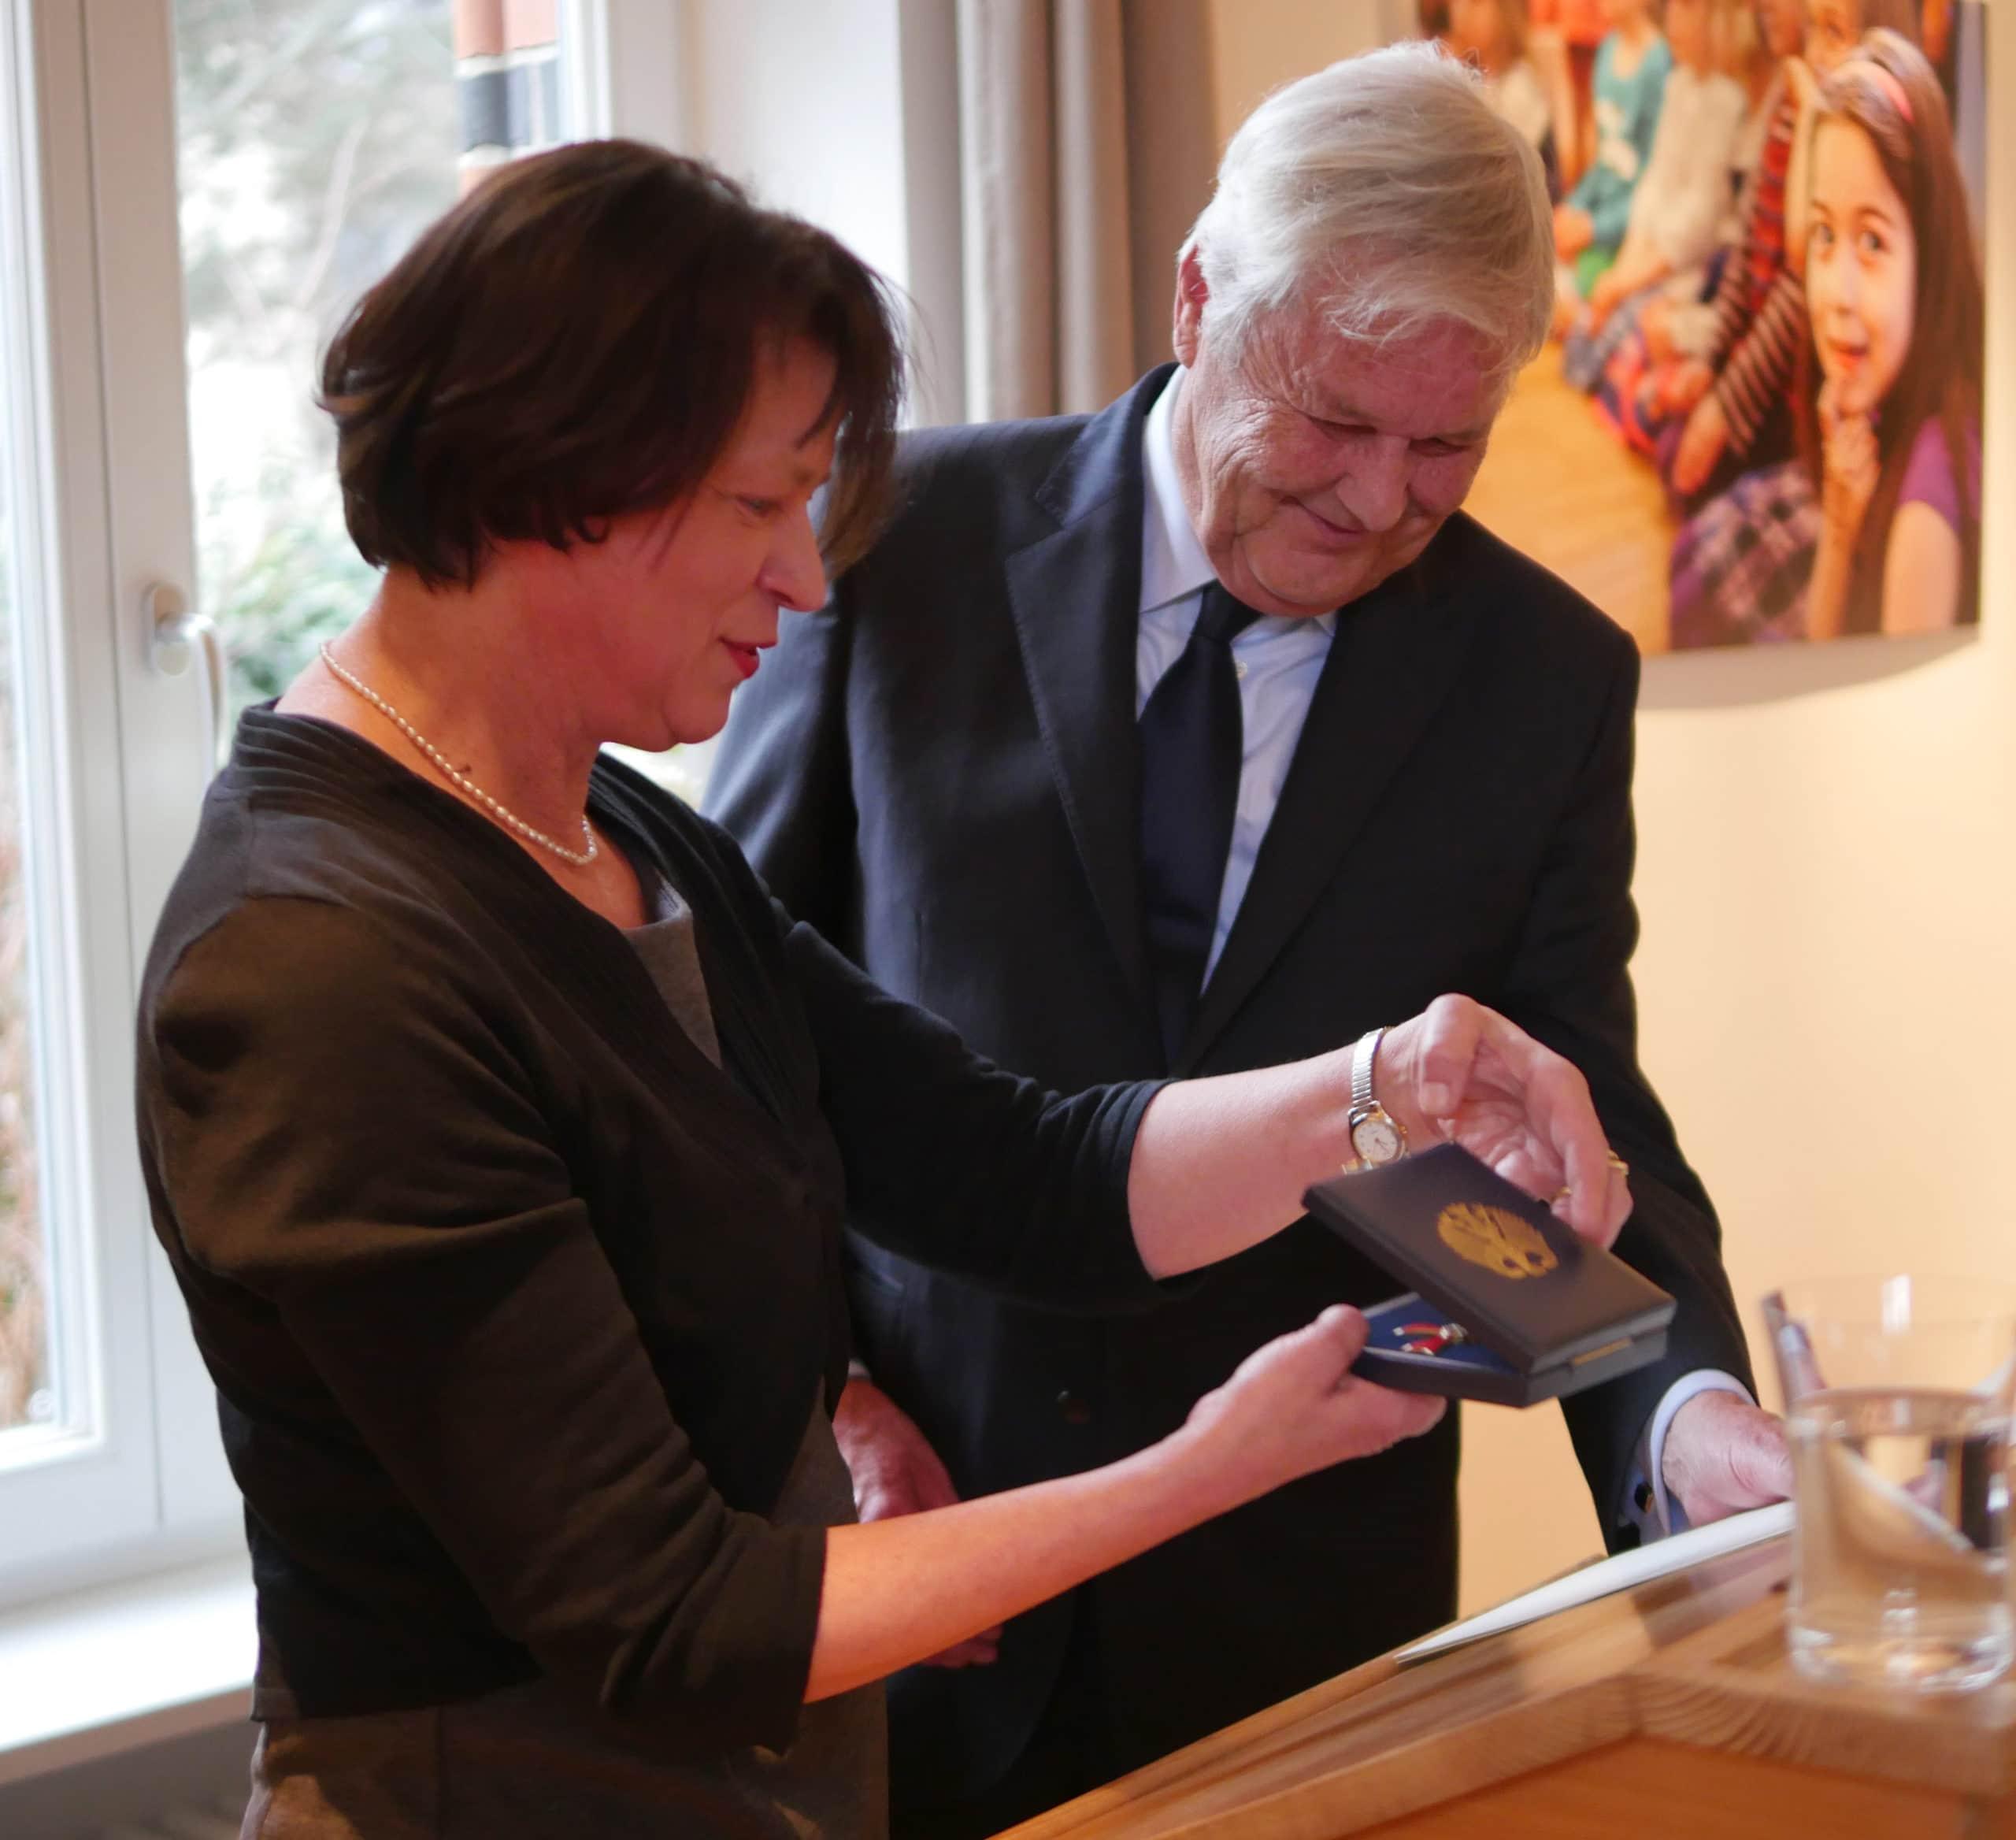 Bundesverdienstorden: Sigrid Klebba überreicht Ordensinsignien I